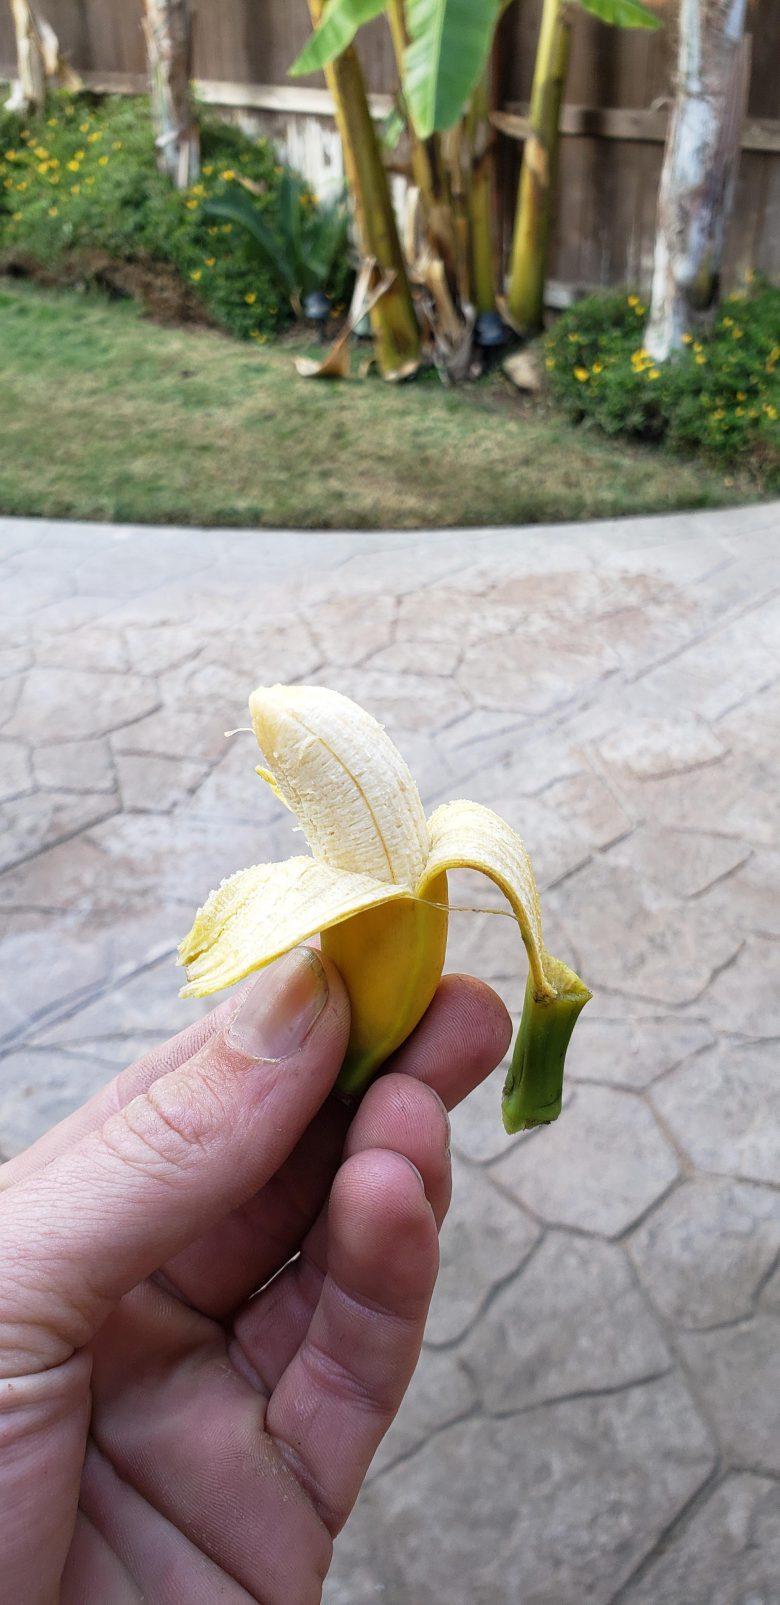 【変わった果物おもしろ画像】庭で育ったすごい小さいバナナ(笑)